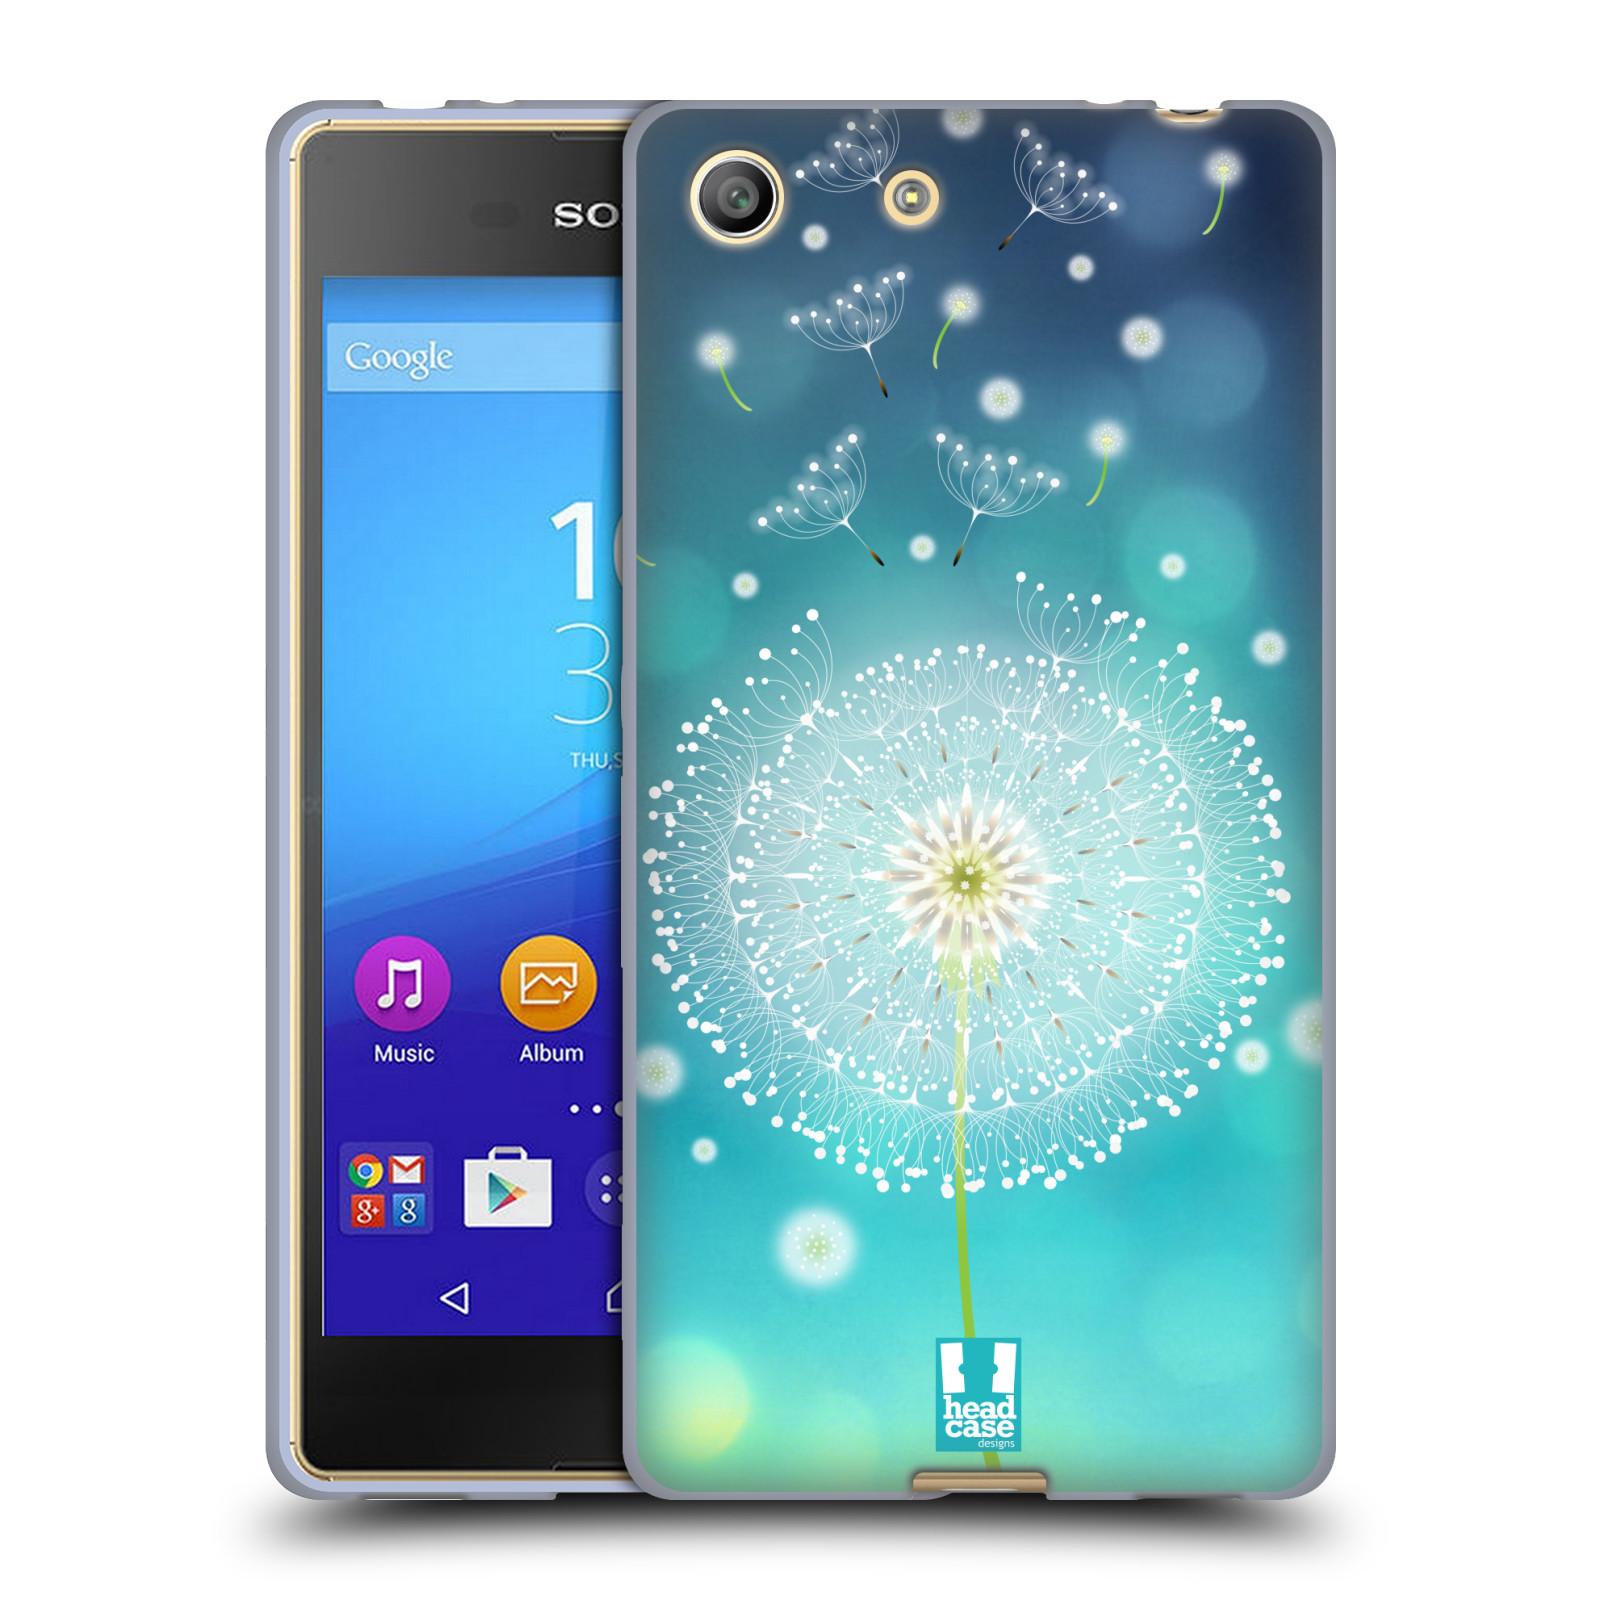 Silikonové pouzdro na mobil Sony Xperia M5 HEAD CASE Rozlétaná pampeliška (Silikonový kryt či obal na mobilní telefon Sony Xperia M5 Dual SIM / Aqua)